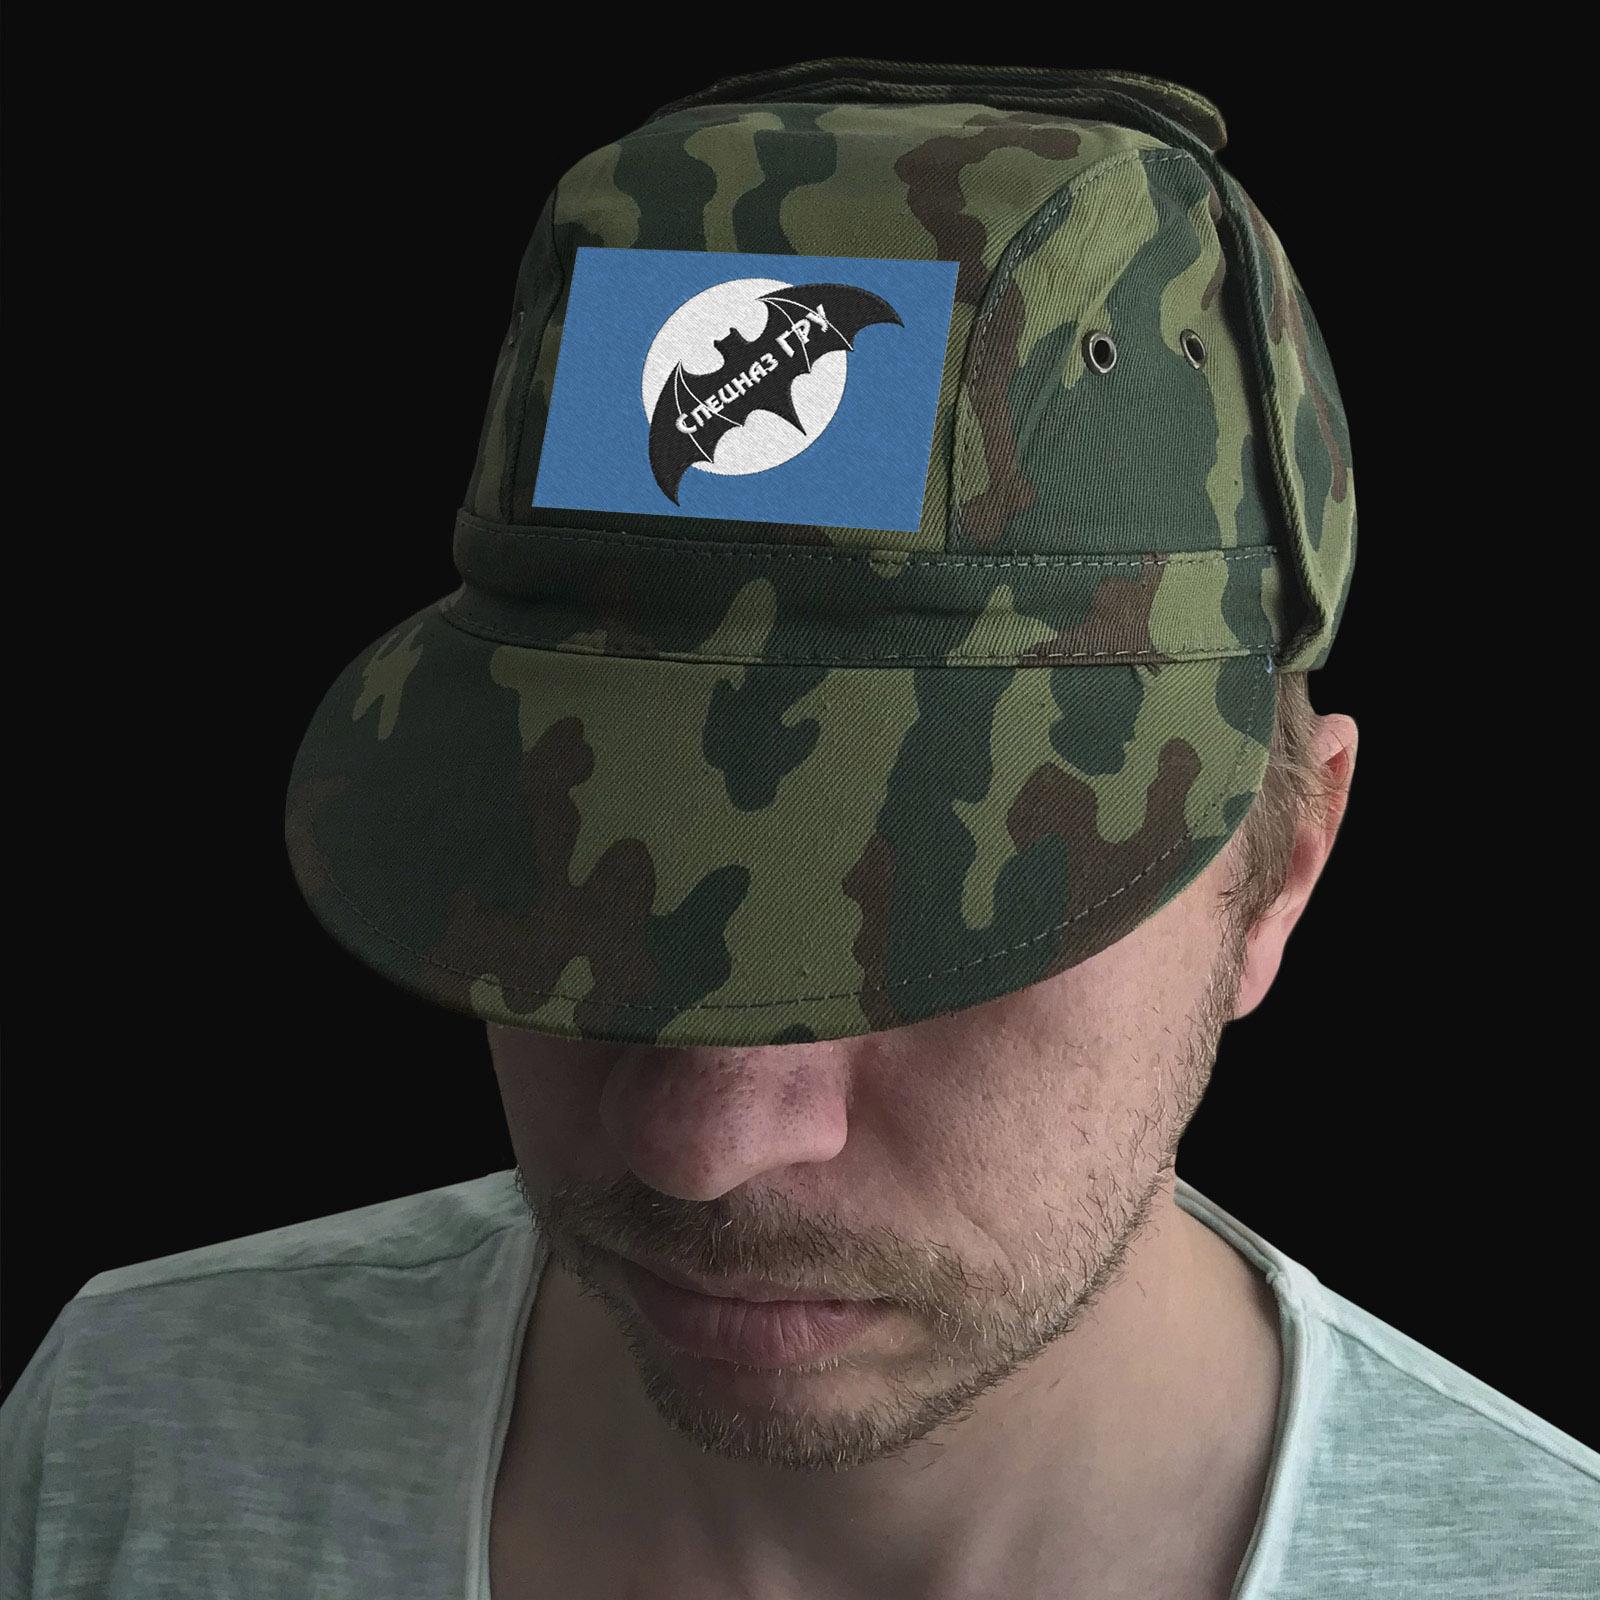 Милитари кепка с вышитой летучей мышью Спецназа ГРУ